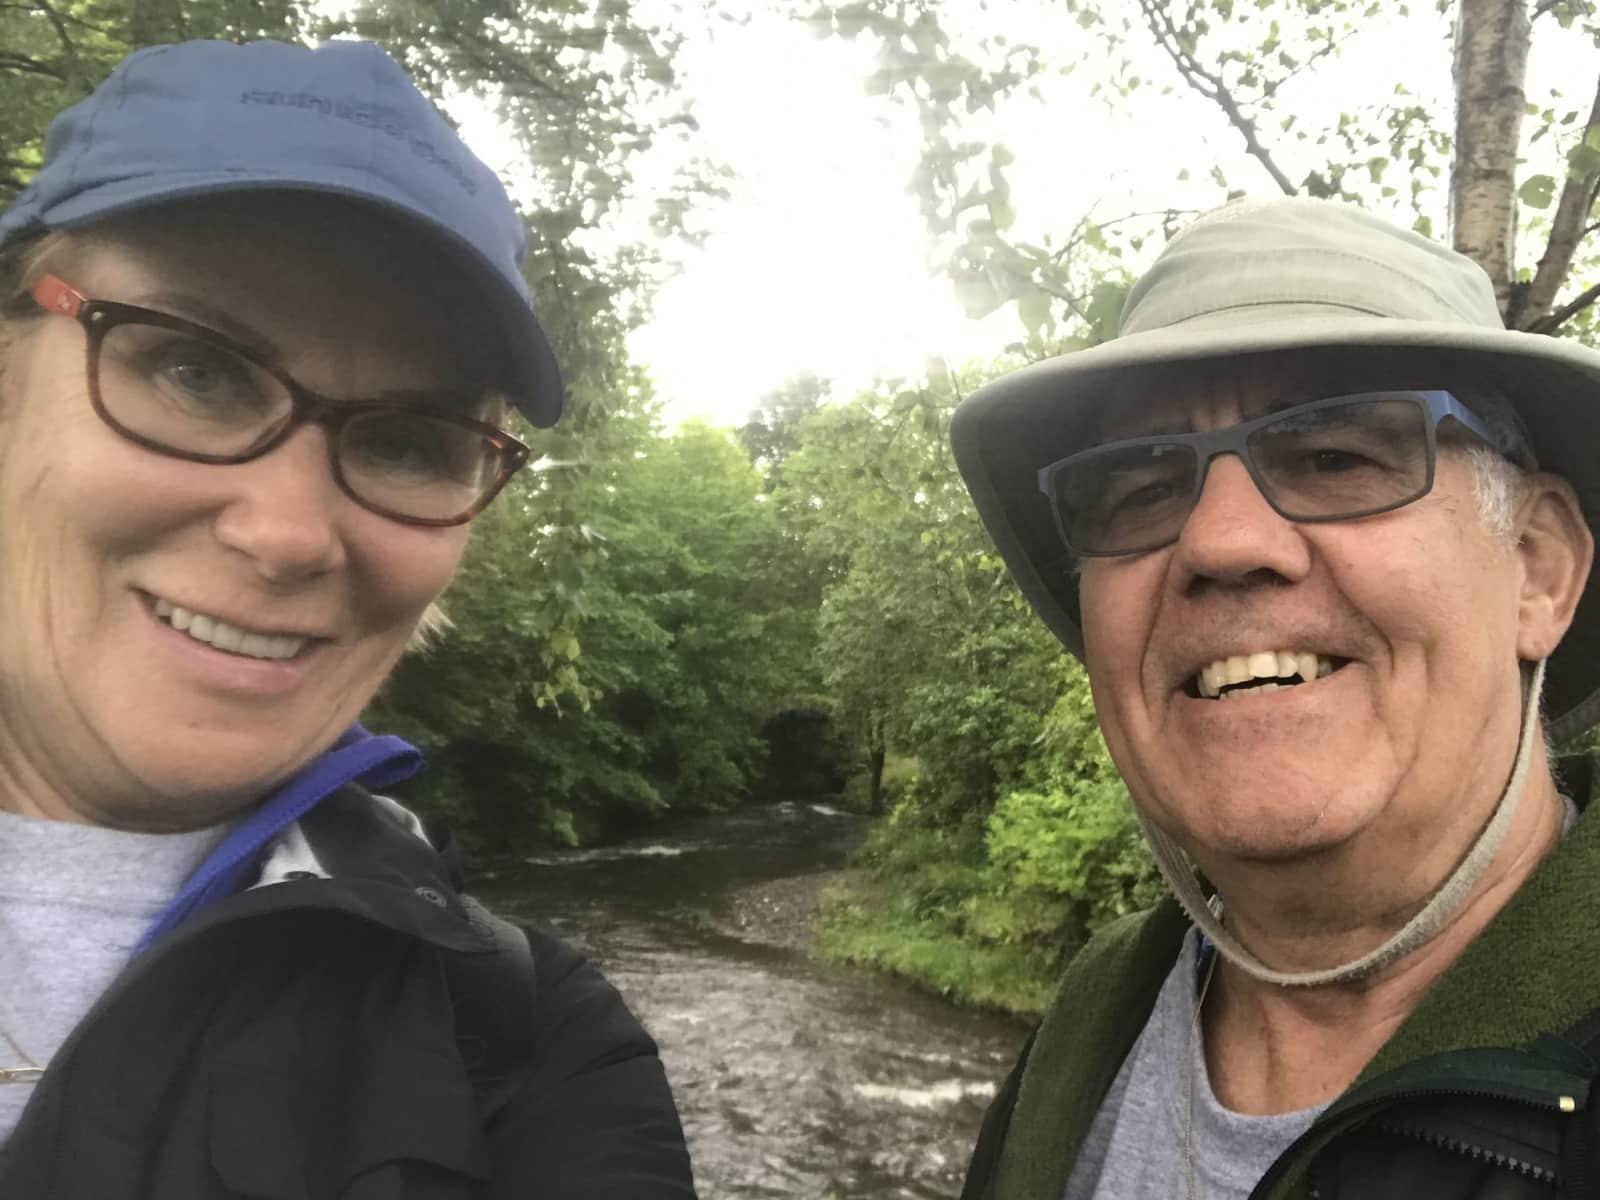 Celine & Guy from Vaudreuil-Dorion, Quebec, Canada